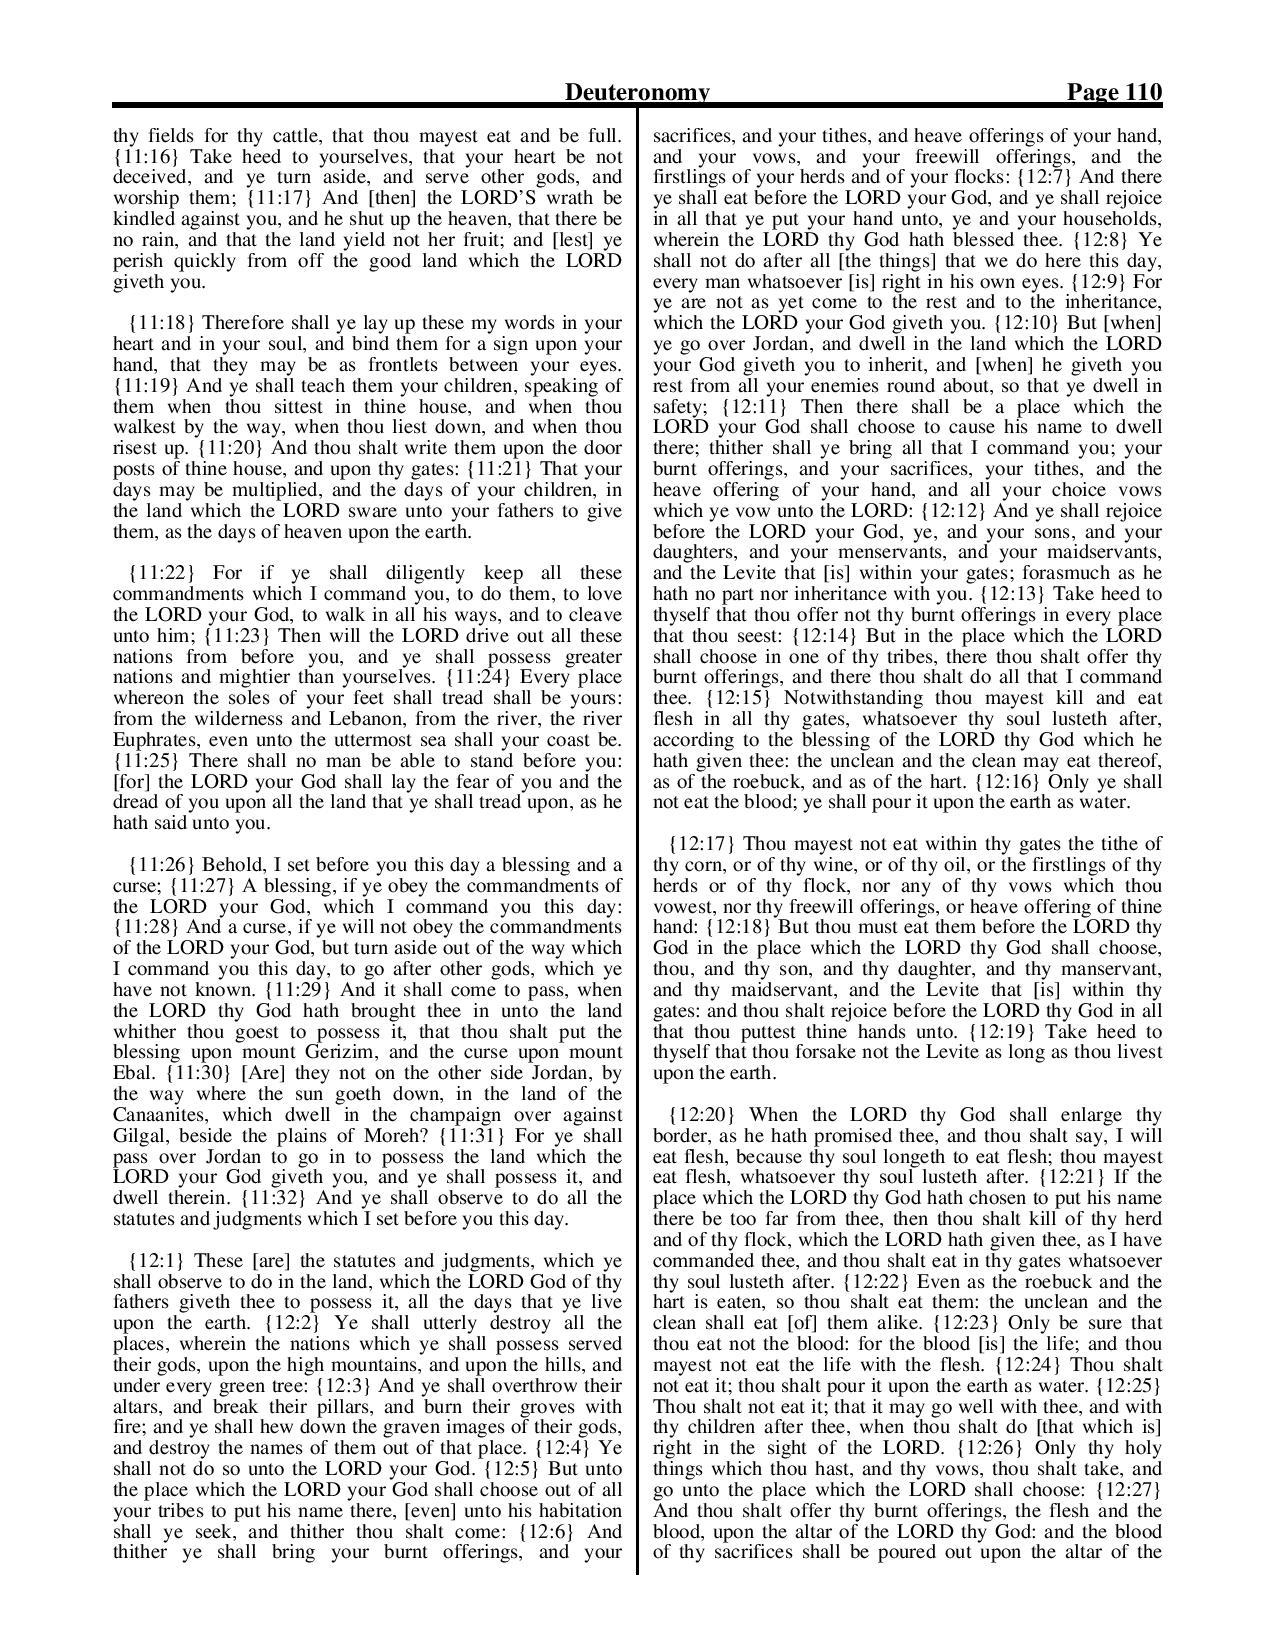 King-James-Bible-KJV-Bible-PDF-page-131